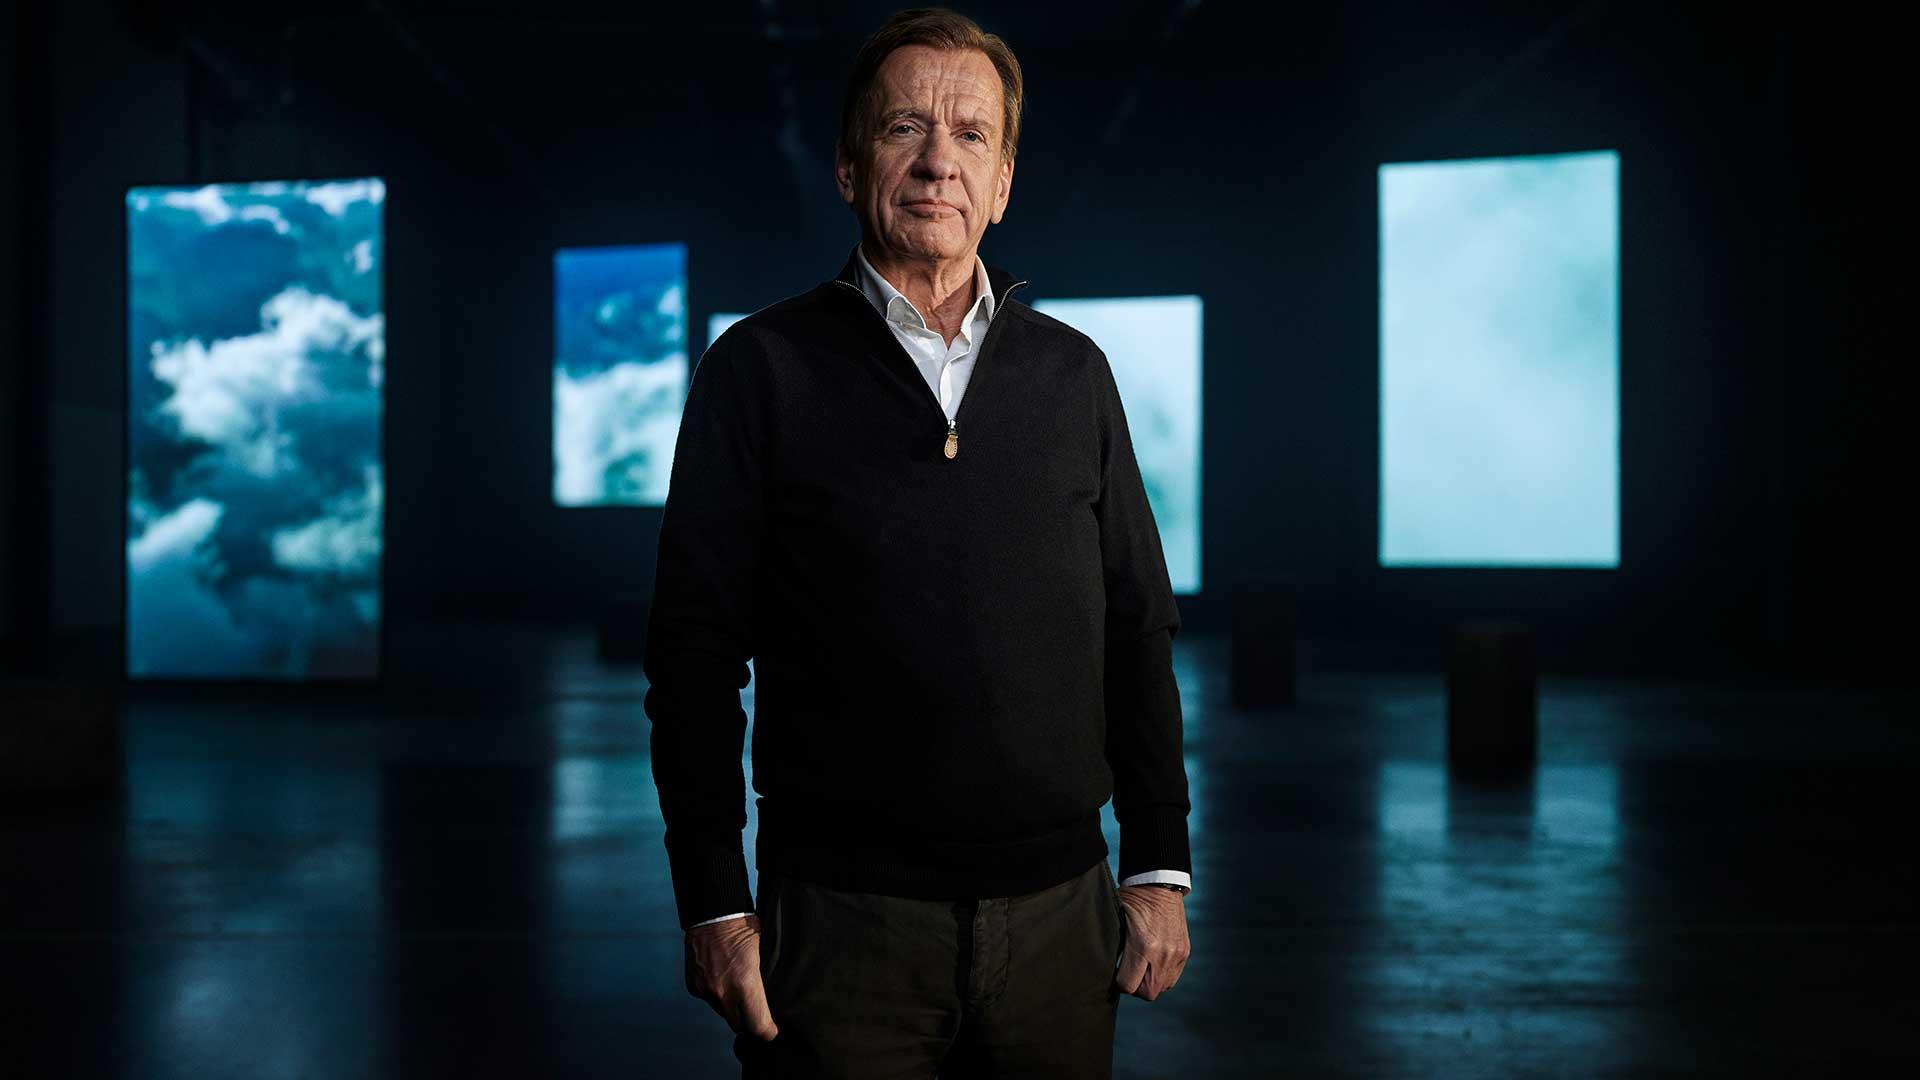 Titelbild des Films über Nachhaltigkeit von Volvo Cars.